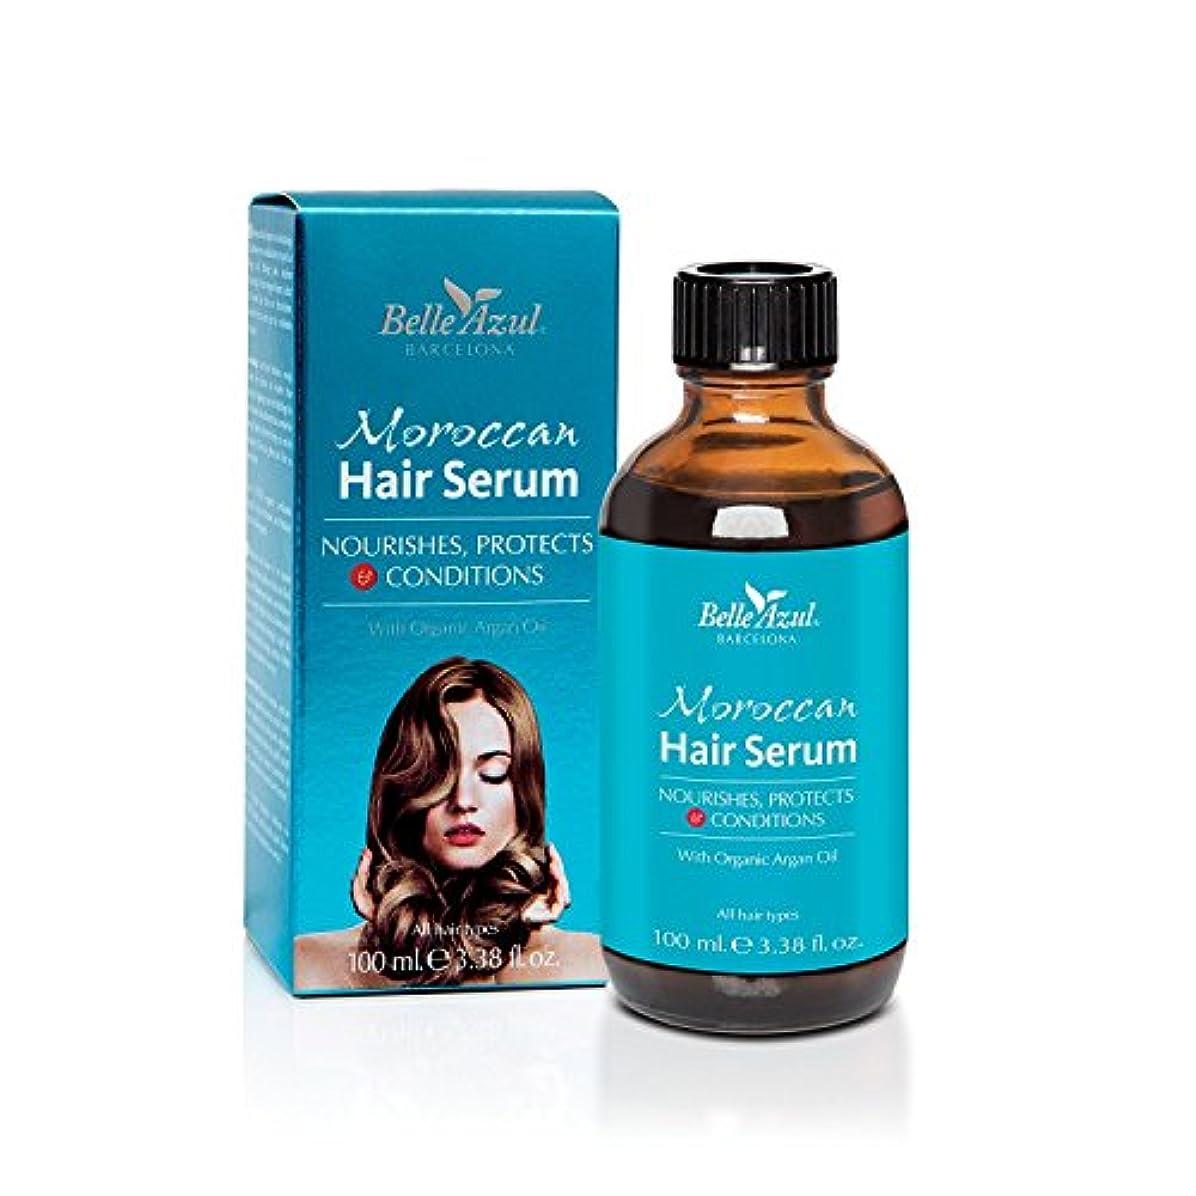 関与する誤解させる新鮮なベルアスール (Belle Azul) モロッカン ヘア セラム 髪用 美容液 アルガンオイル 配合